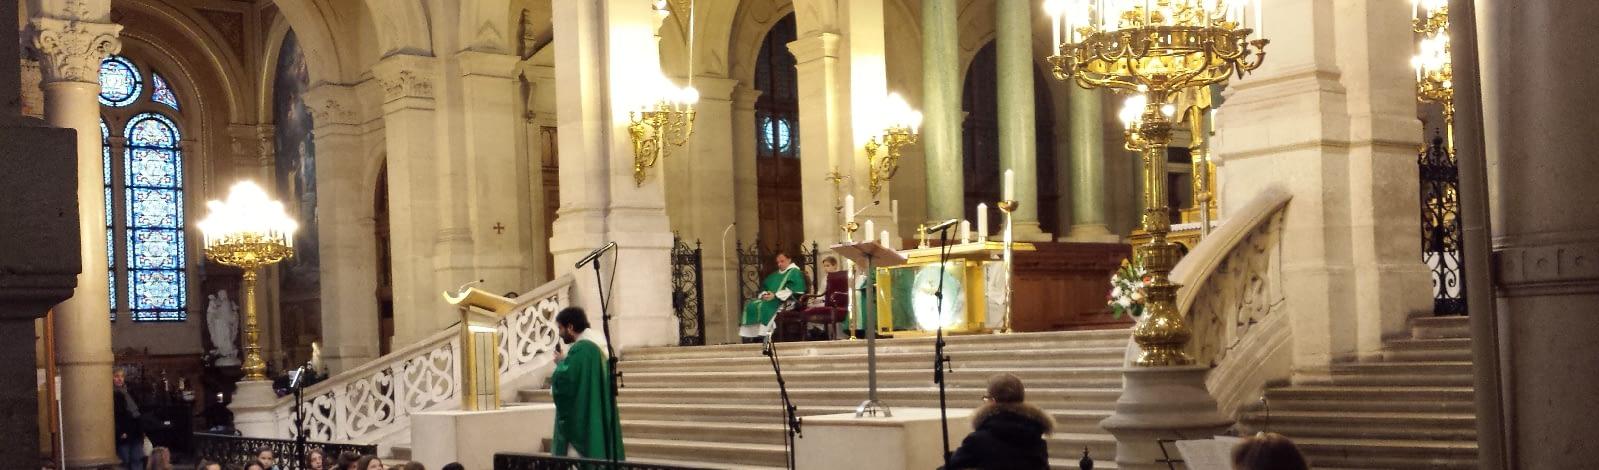 sonorisation d'une église